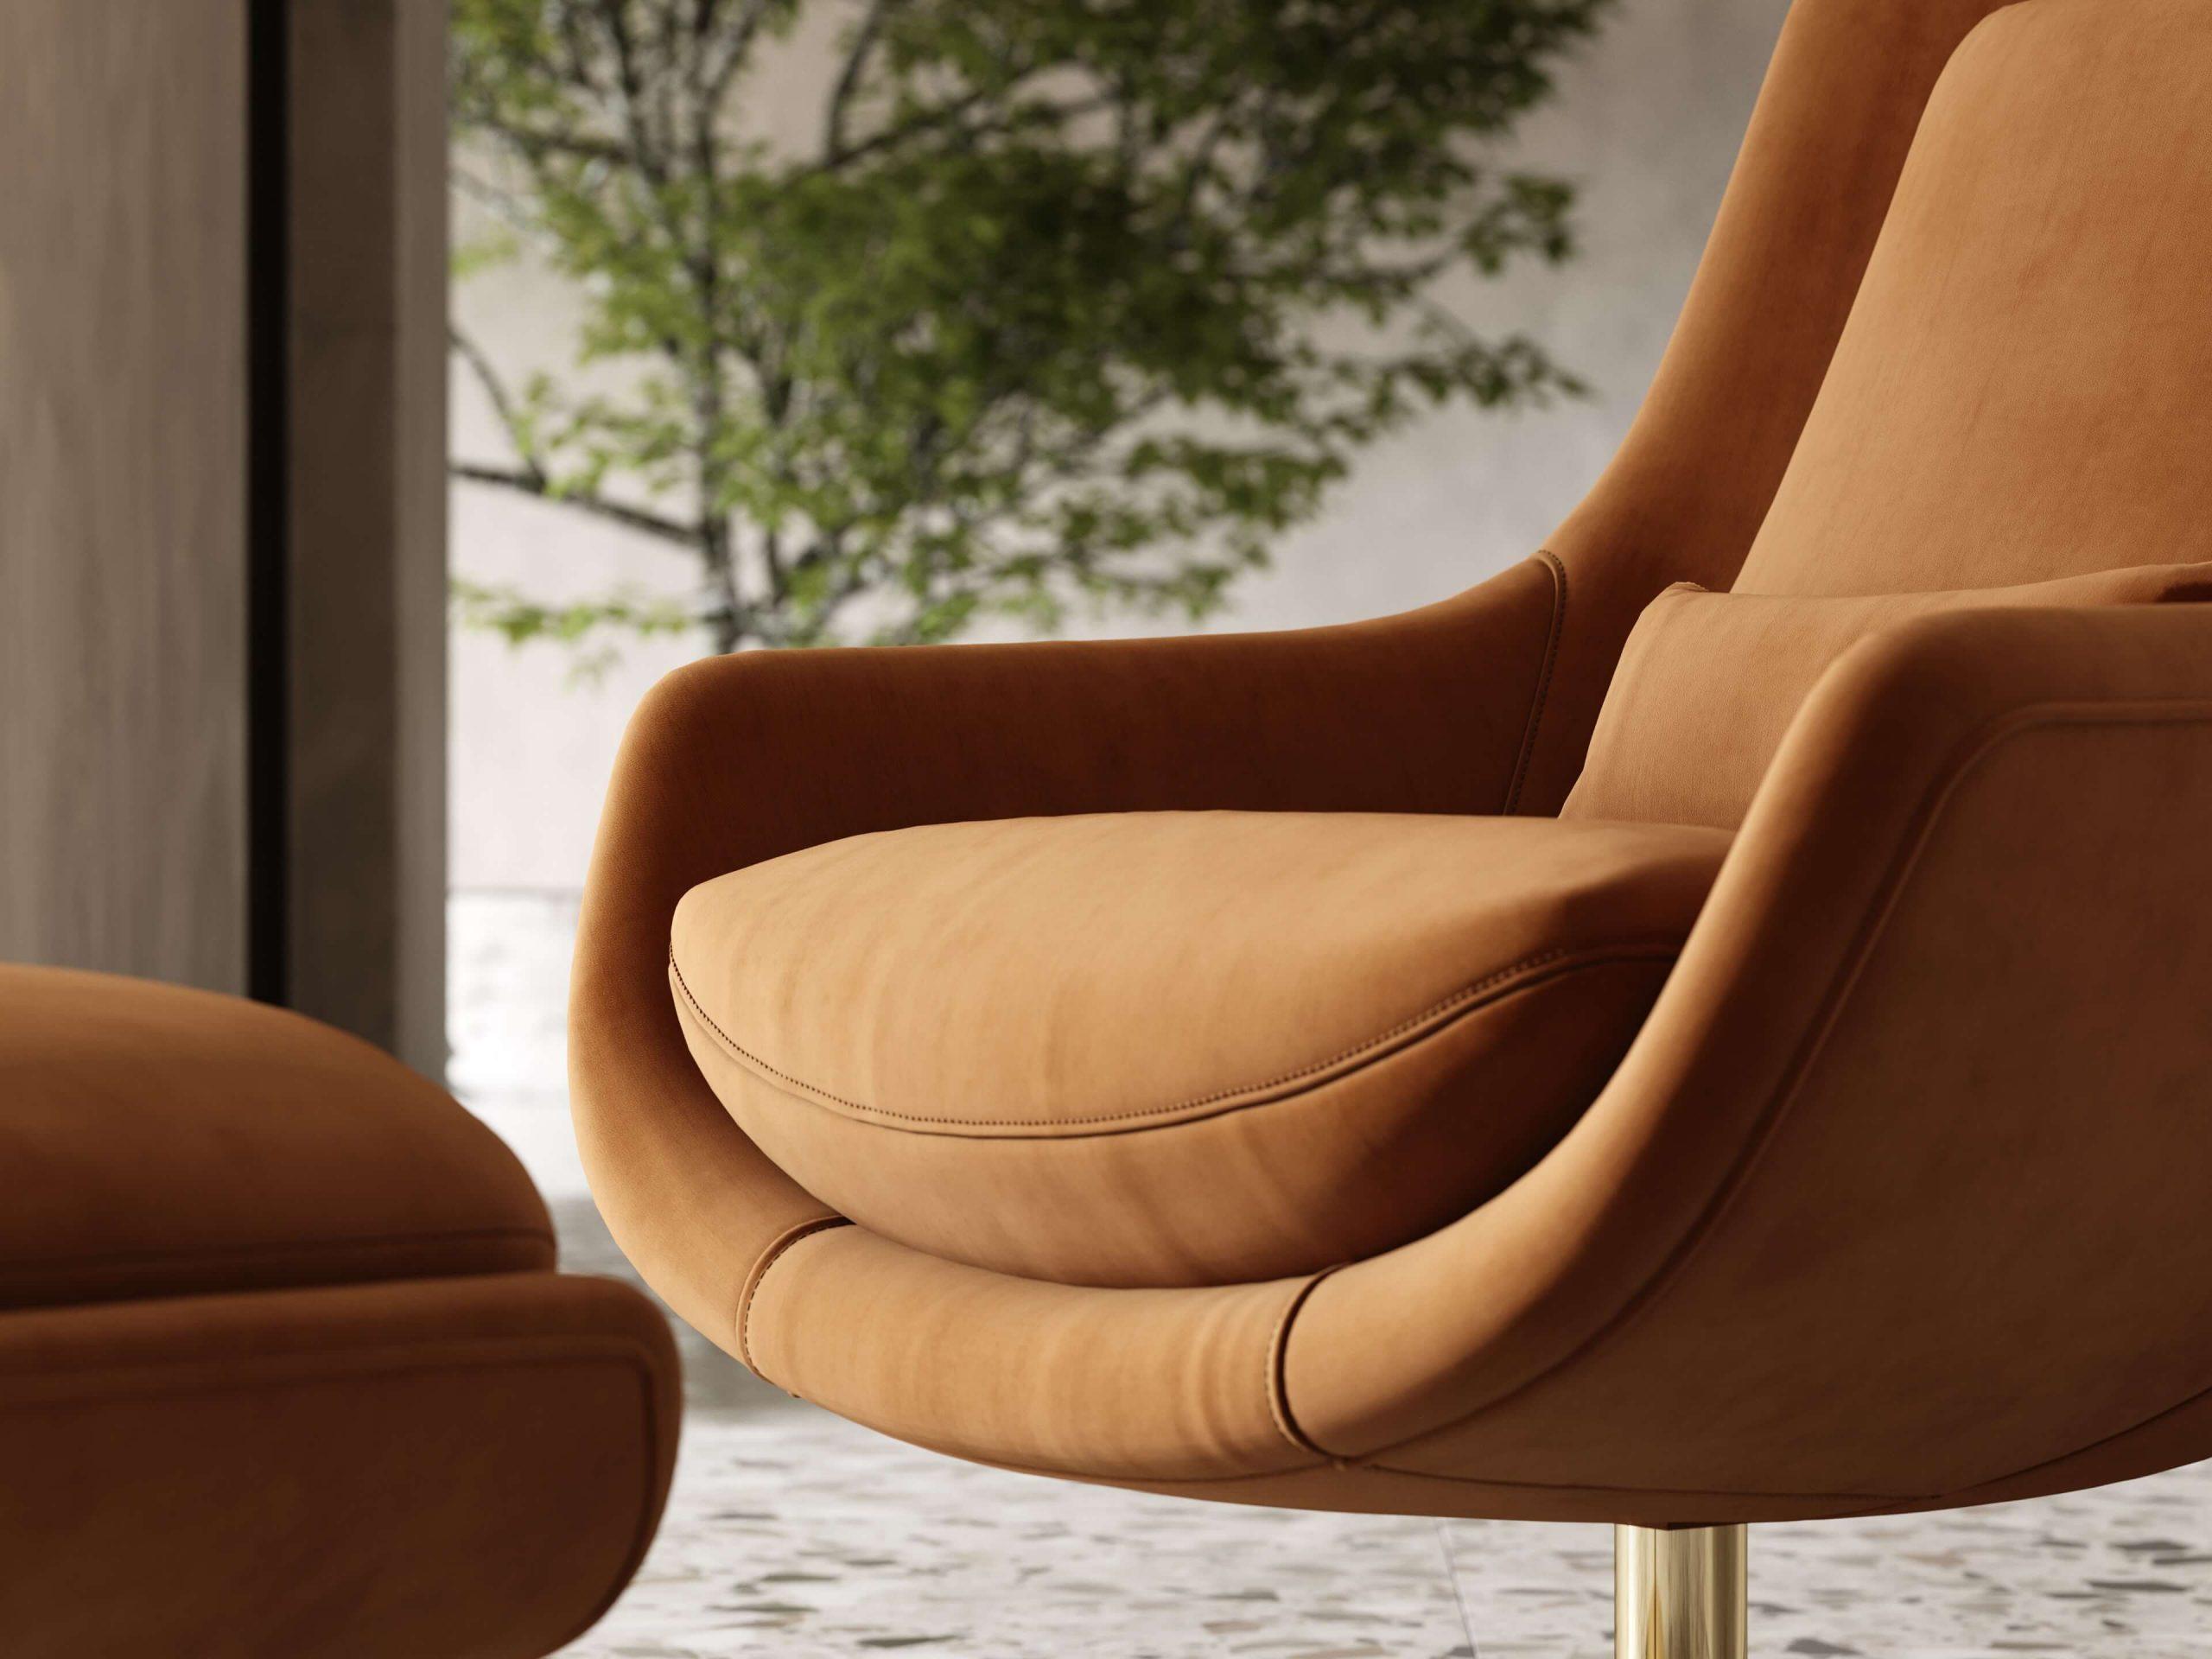 Elba-armchair-cotton-velvet-upholstered-furniture-living-room-interior-design-domkapa-Gold-stainless-steel-9